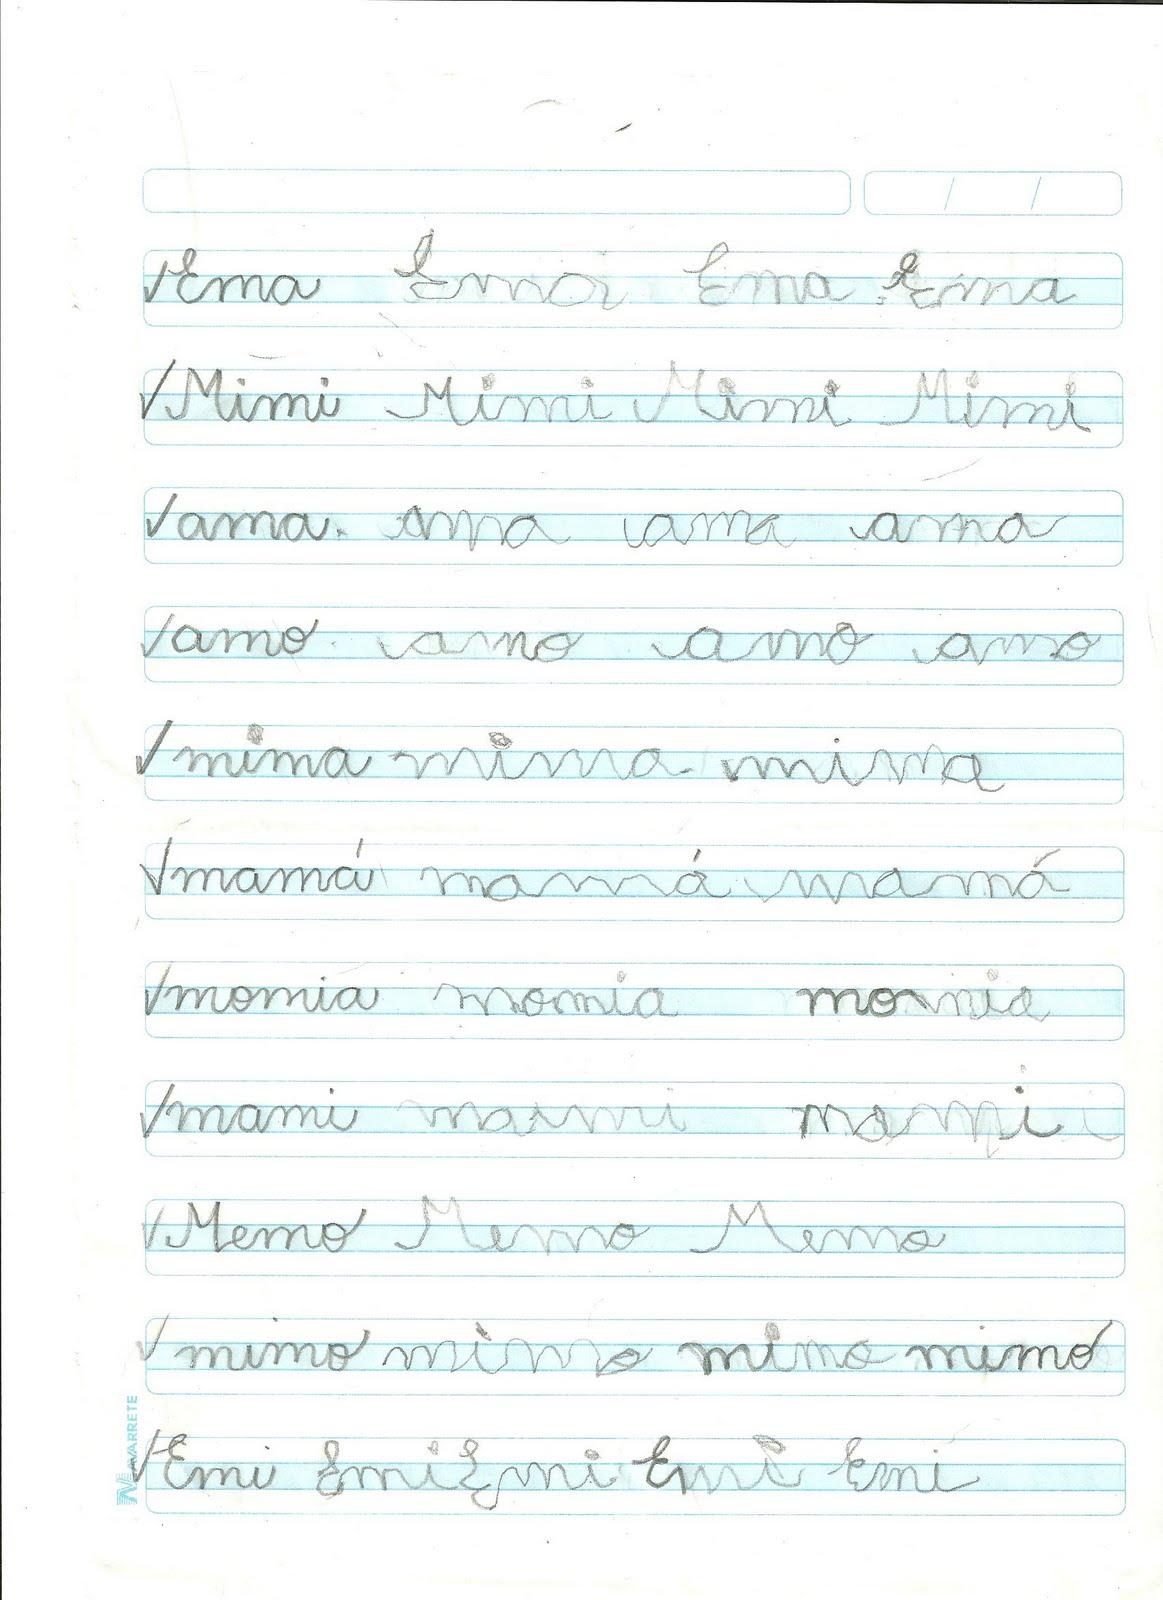 letra - Diccionario Inglés-Español WordReference.com